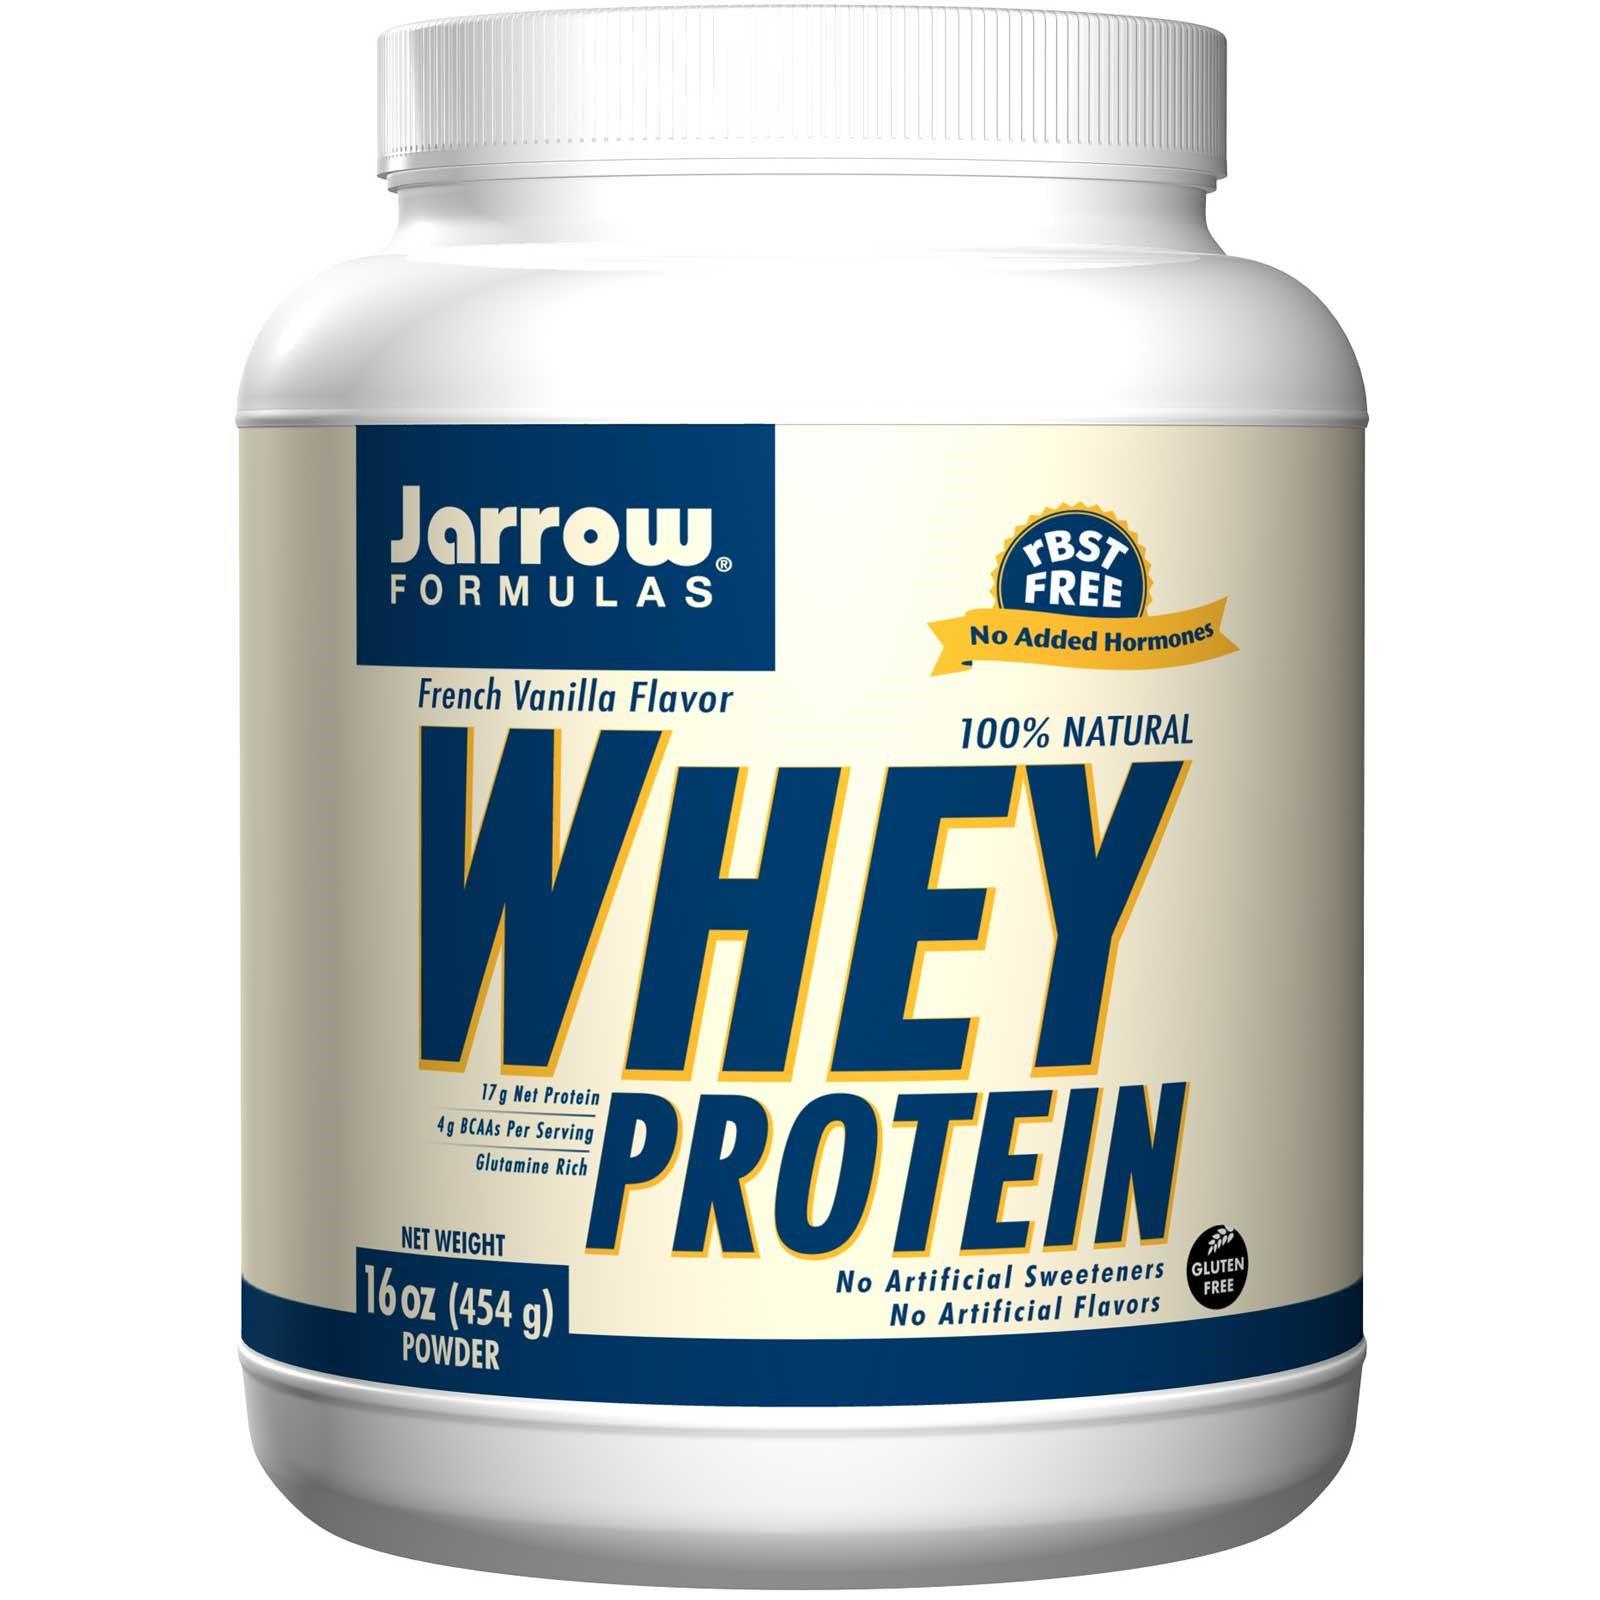 Jarrow Formulas, 100% Натуральный Сывороточный Протеин в Ультрафильтрованном Порошке со Вкусом Французской Ванили, 16 унций (454 г)